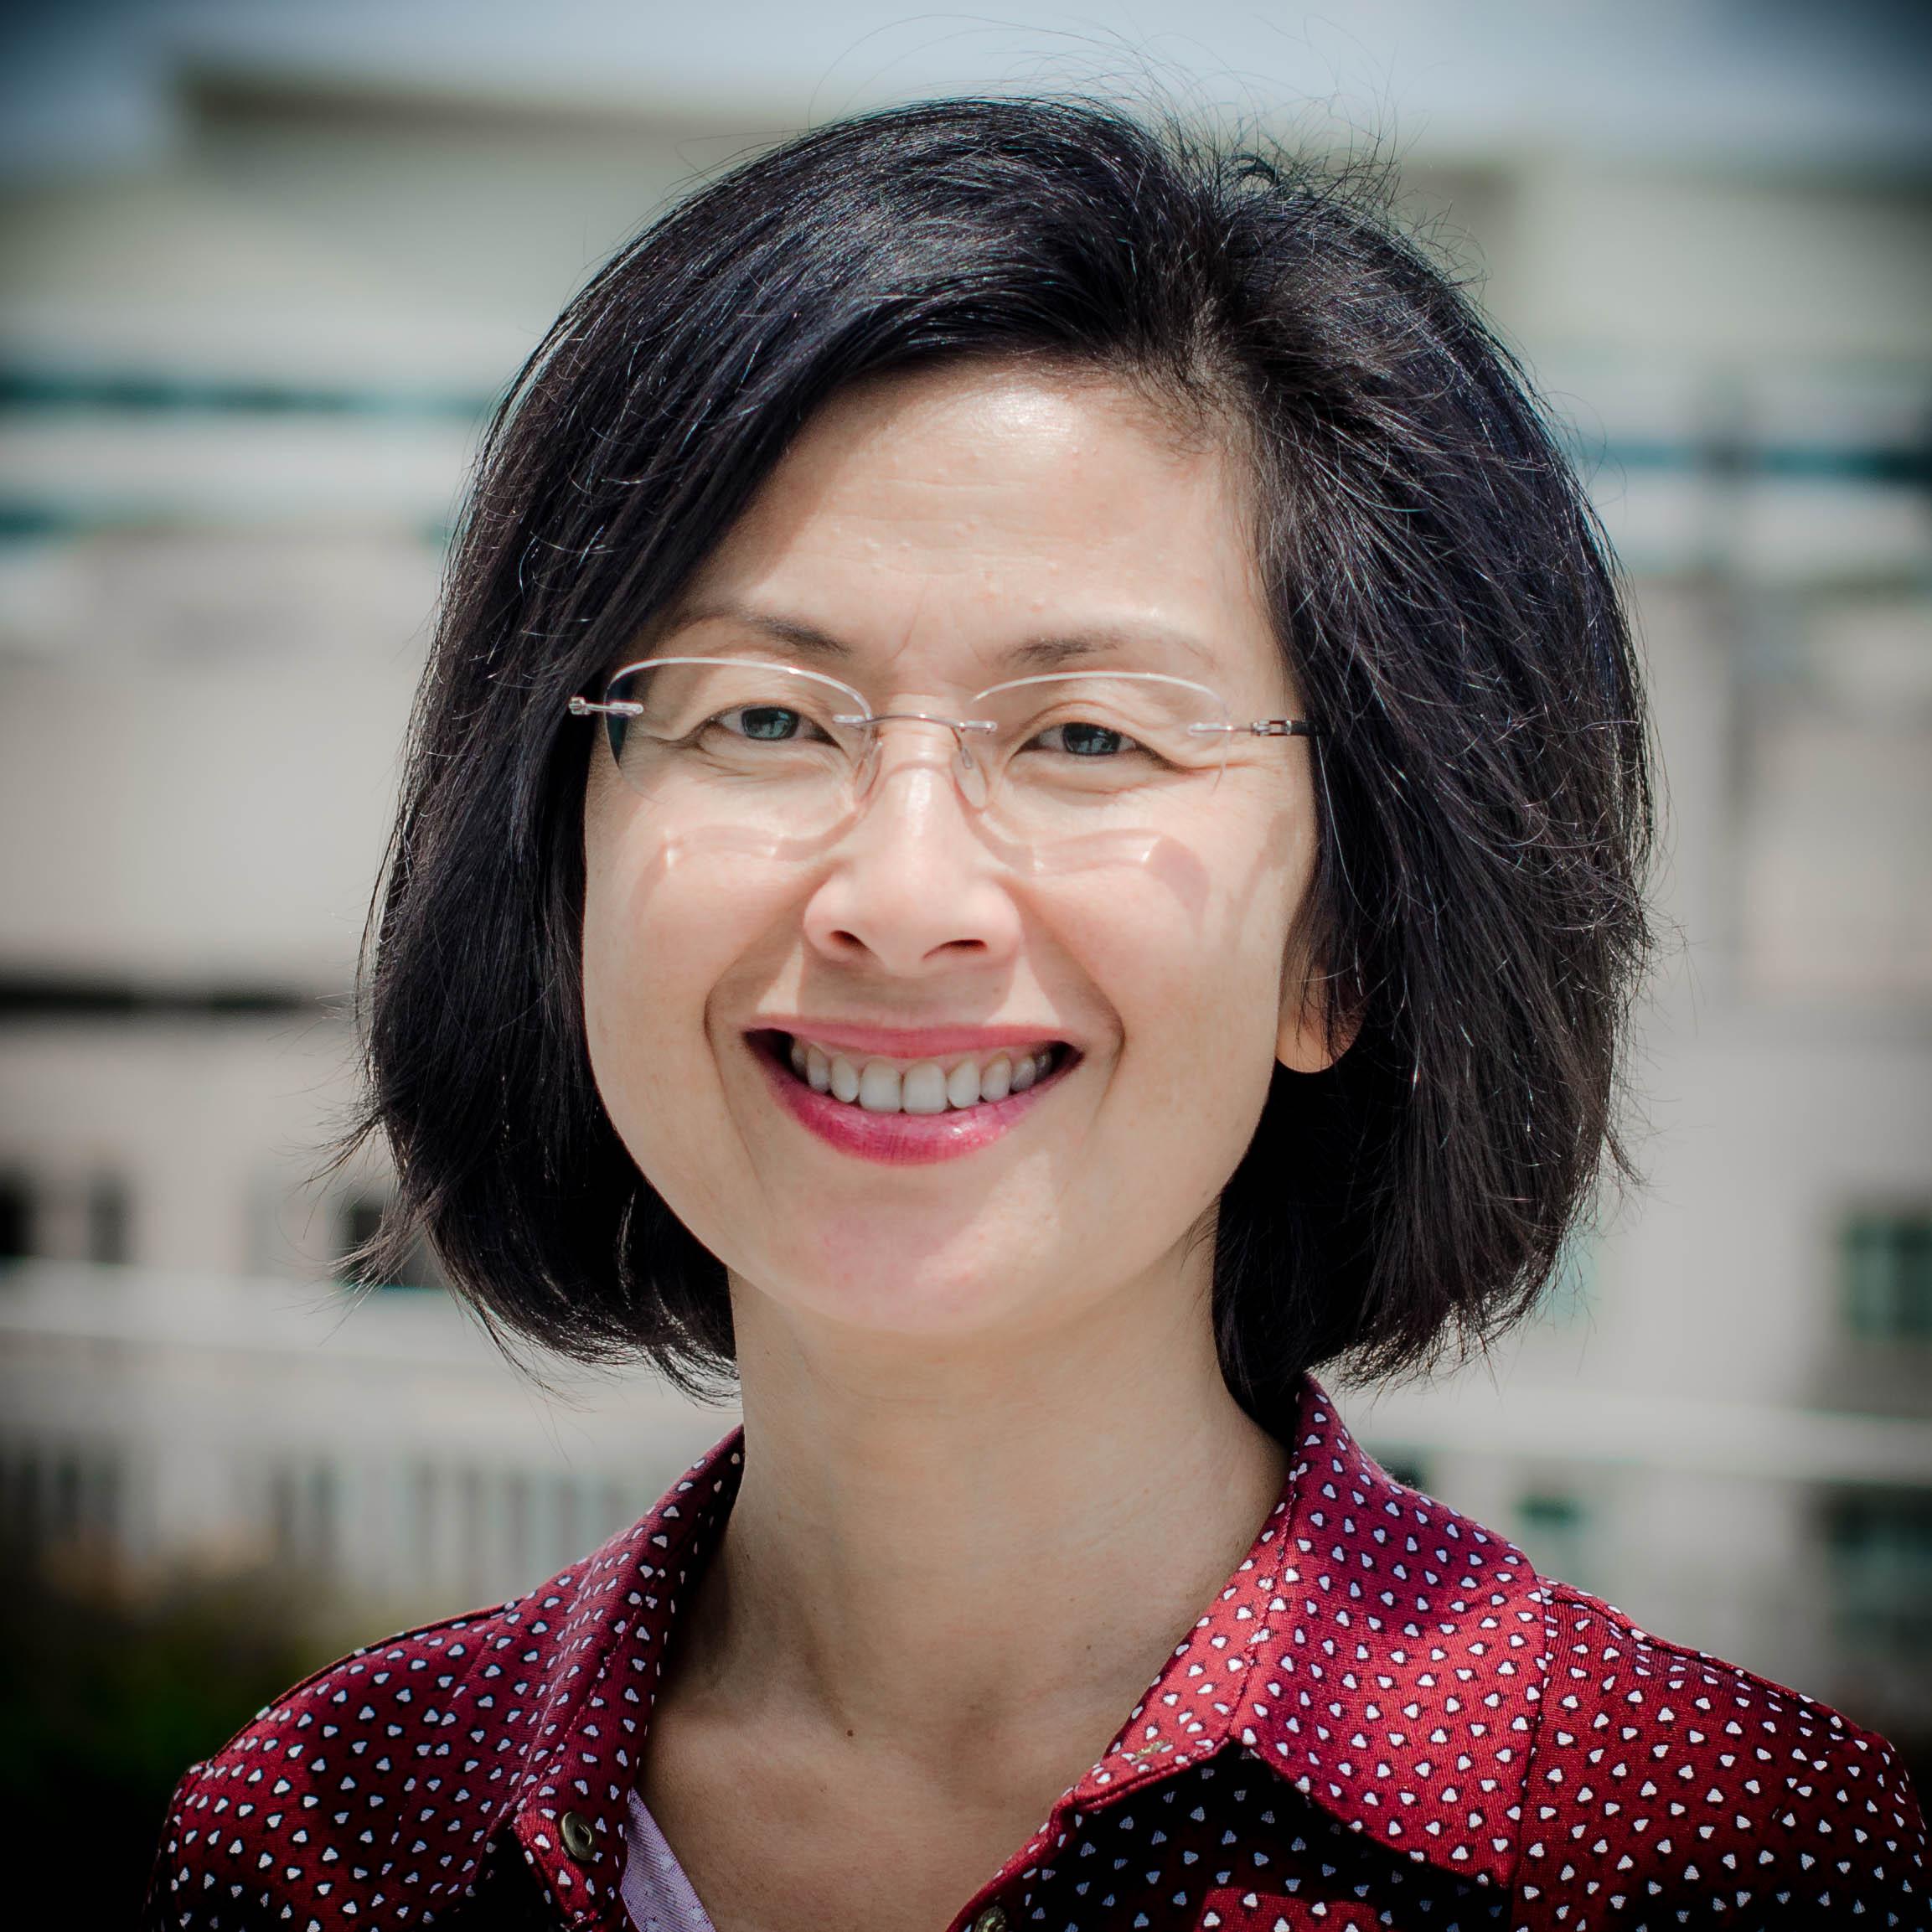 Photo of Jie Wang